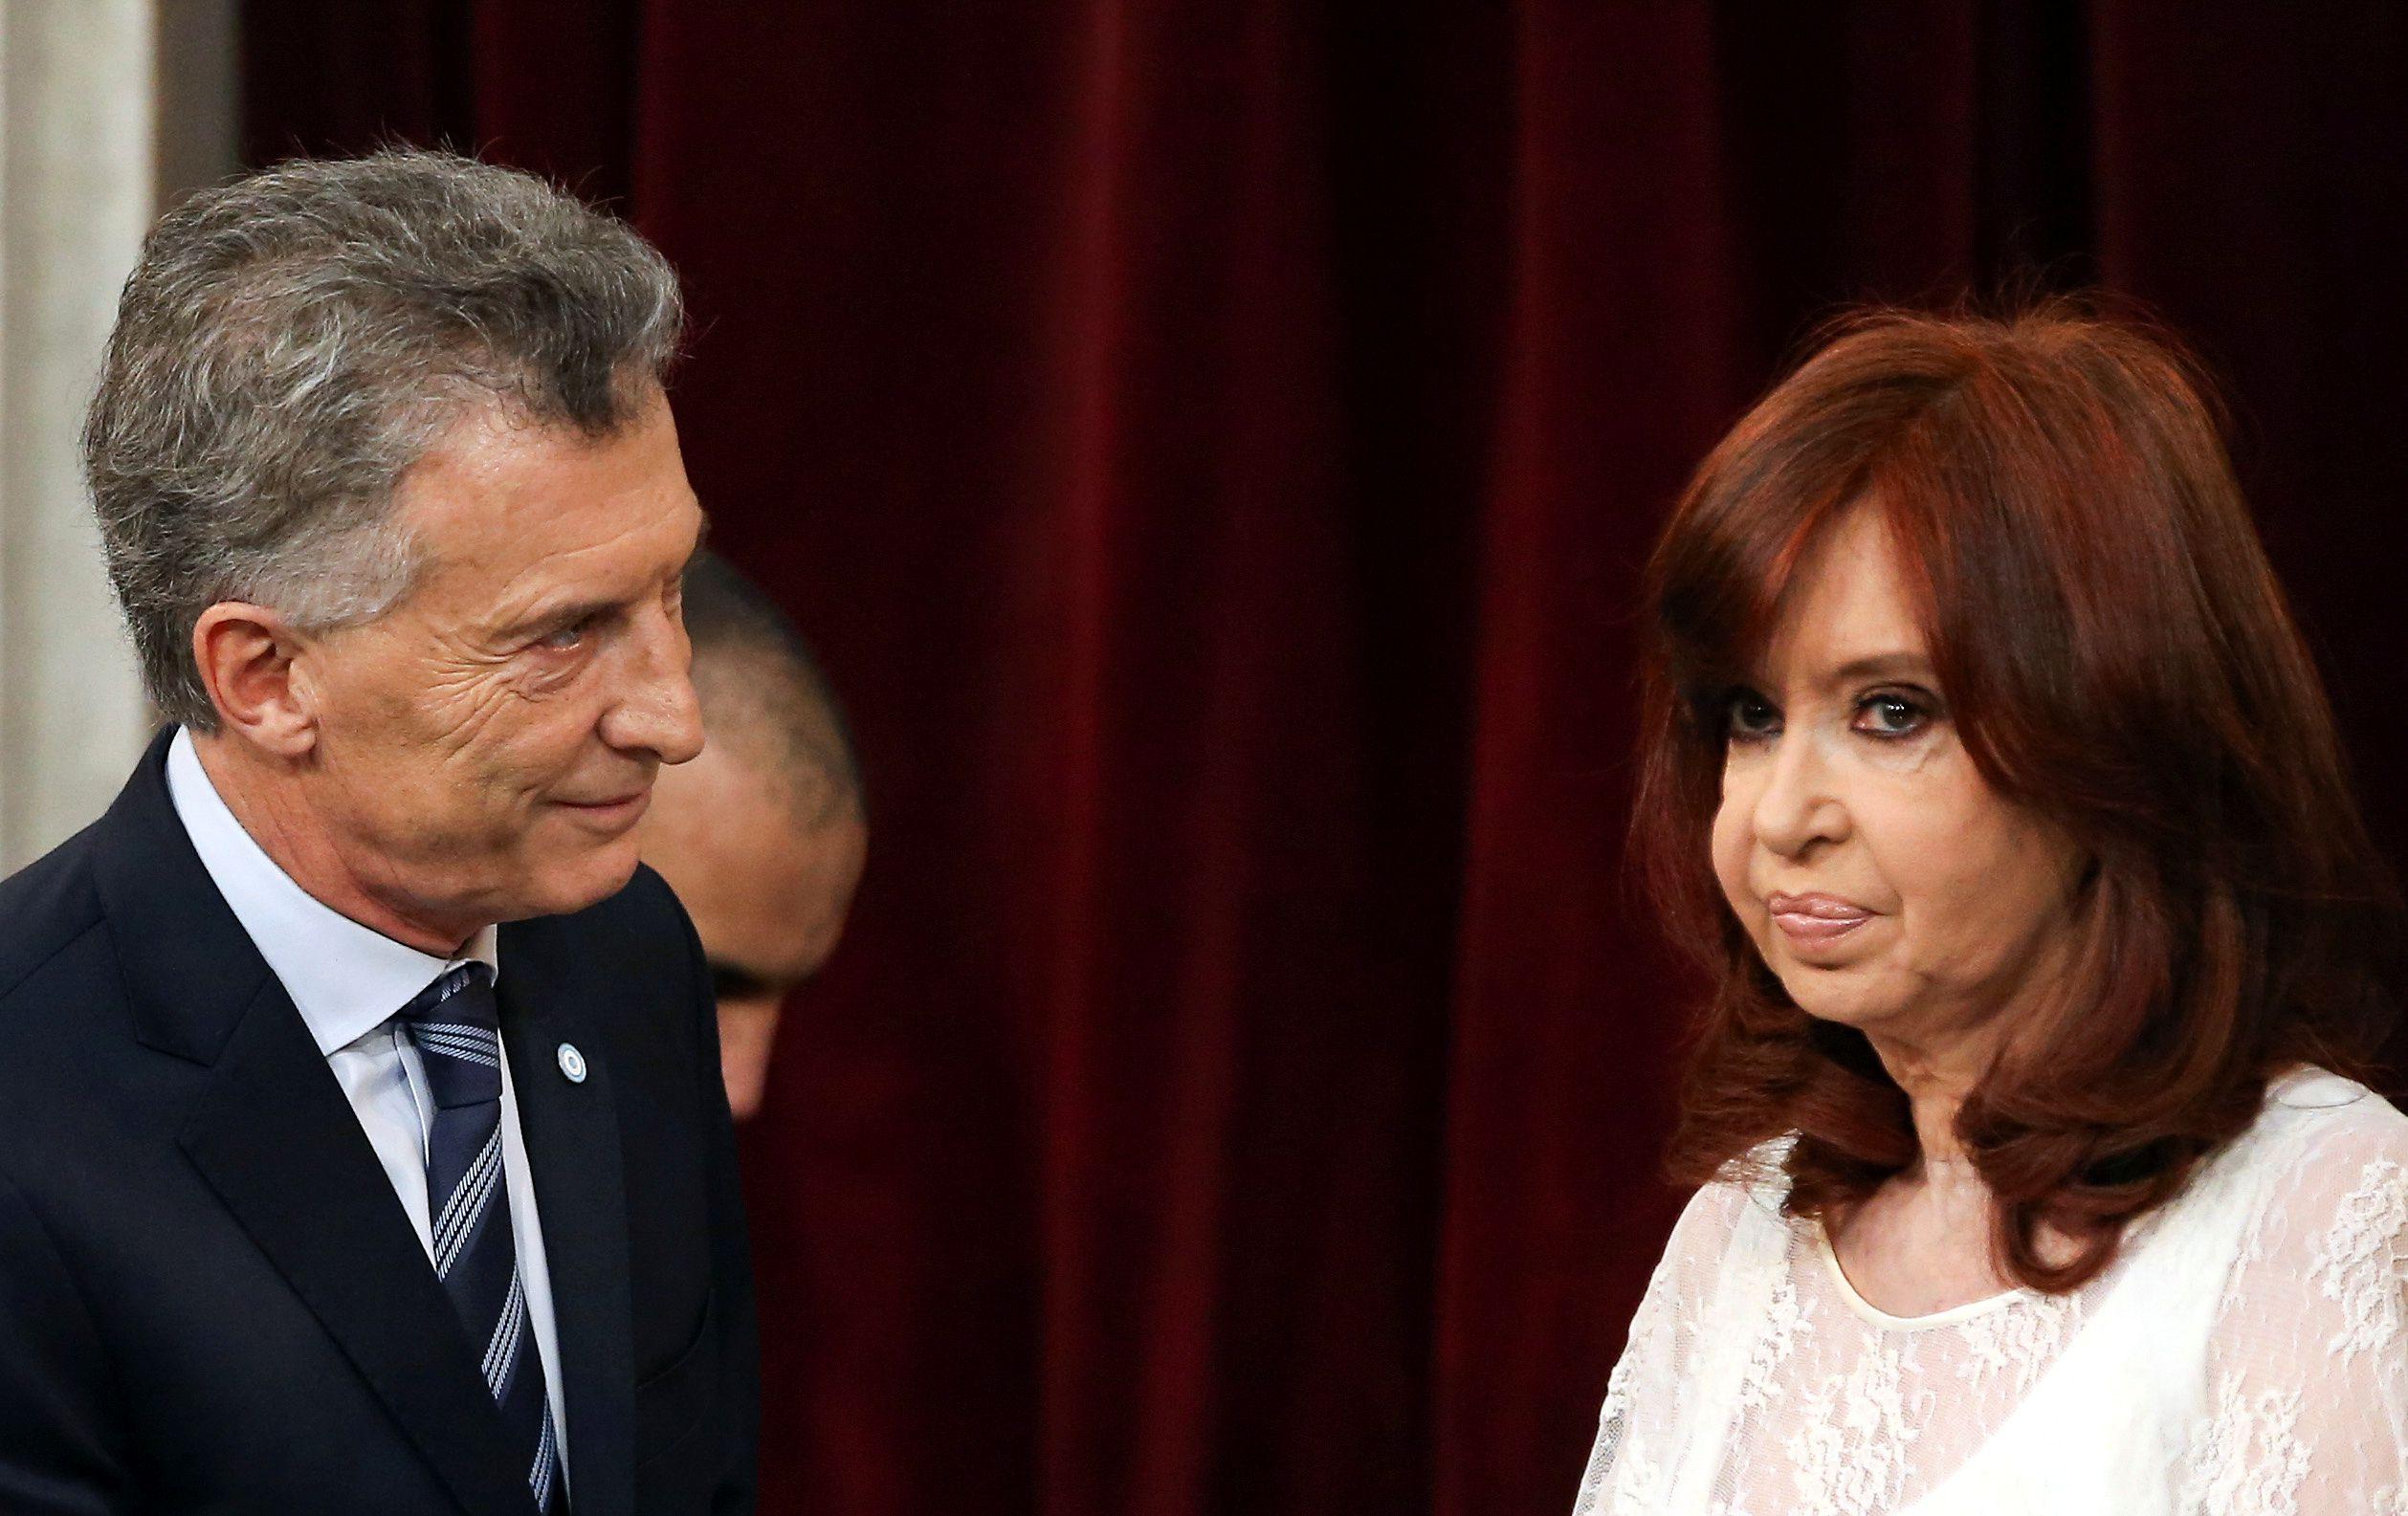 Cristina Fernández de Kirchner y Mauricio Macri se saludan con frialdad durante la asunción presidencial de Alberto Fernández